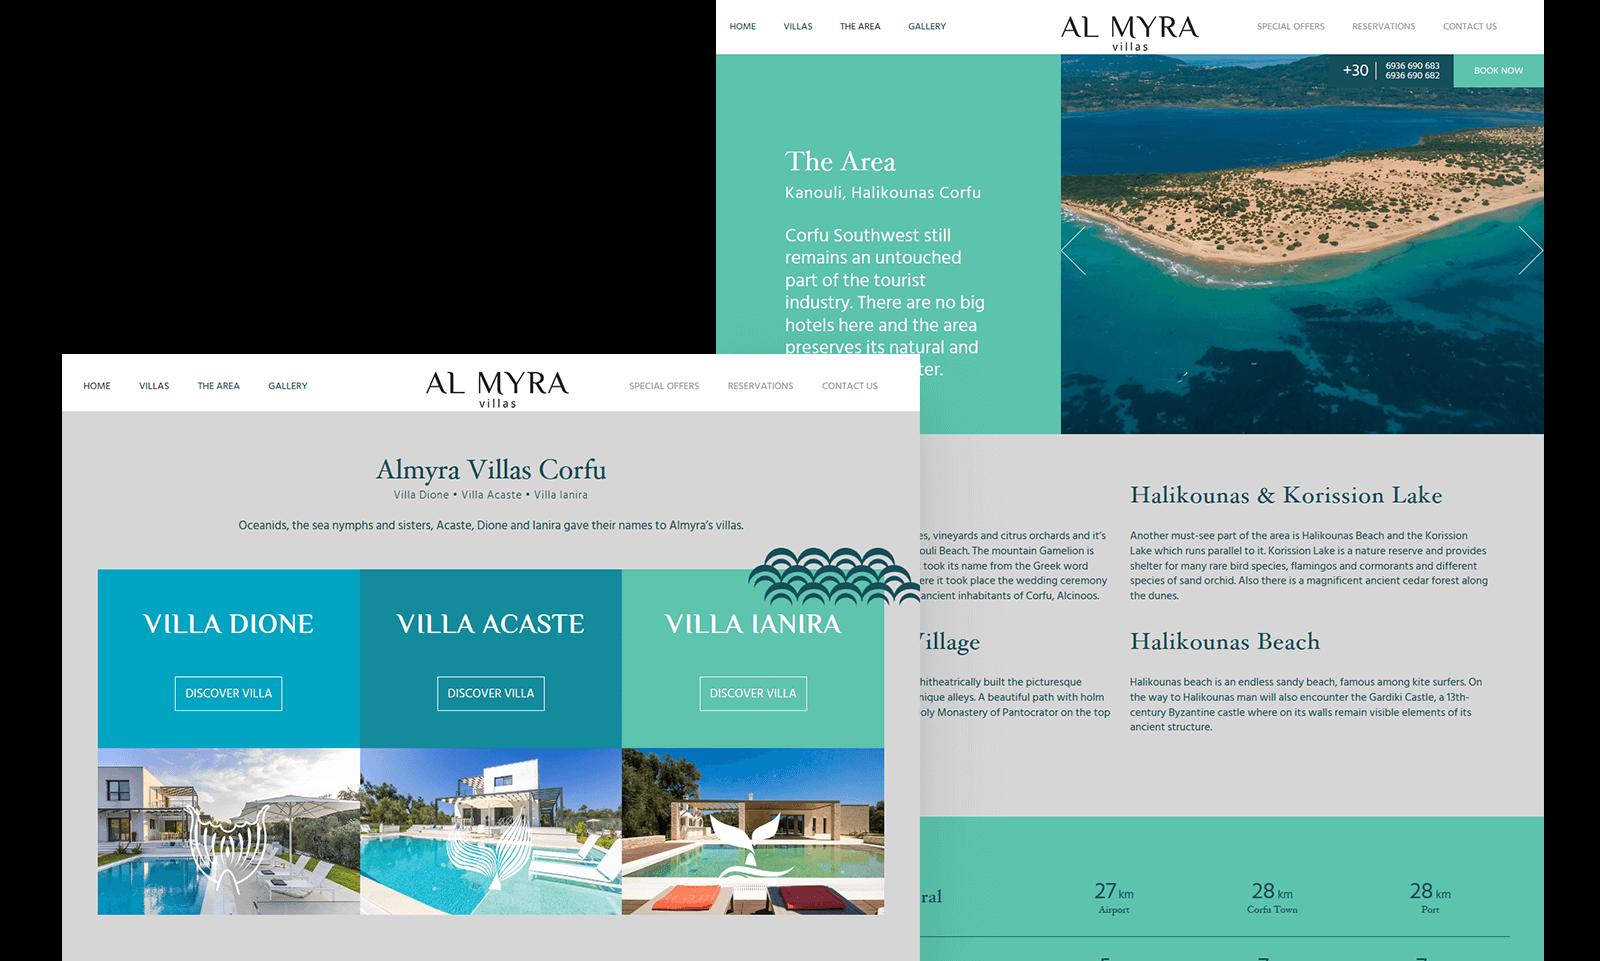 almyra villas hero image